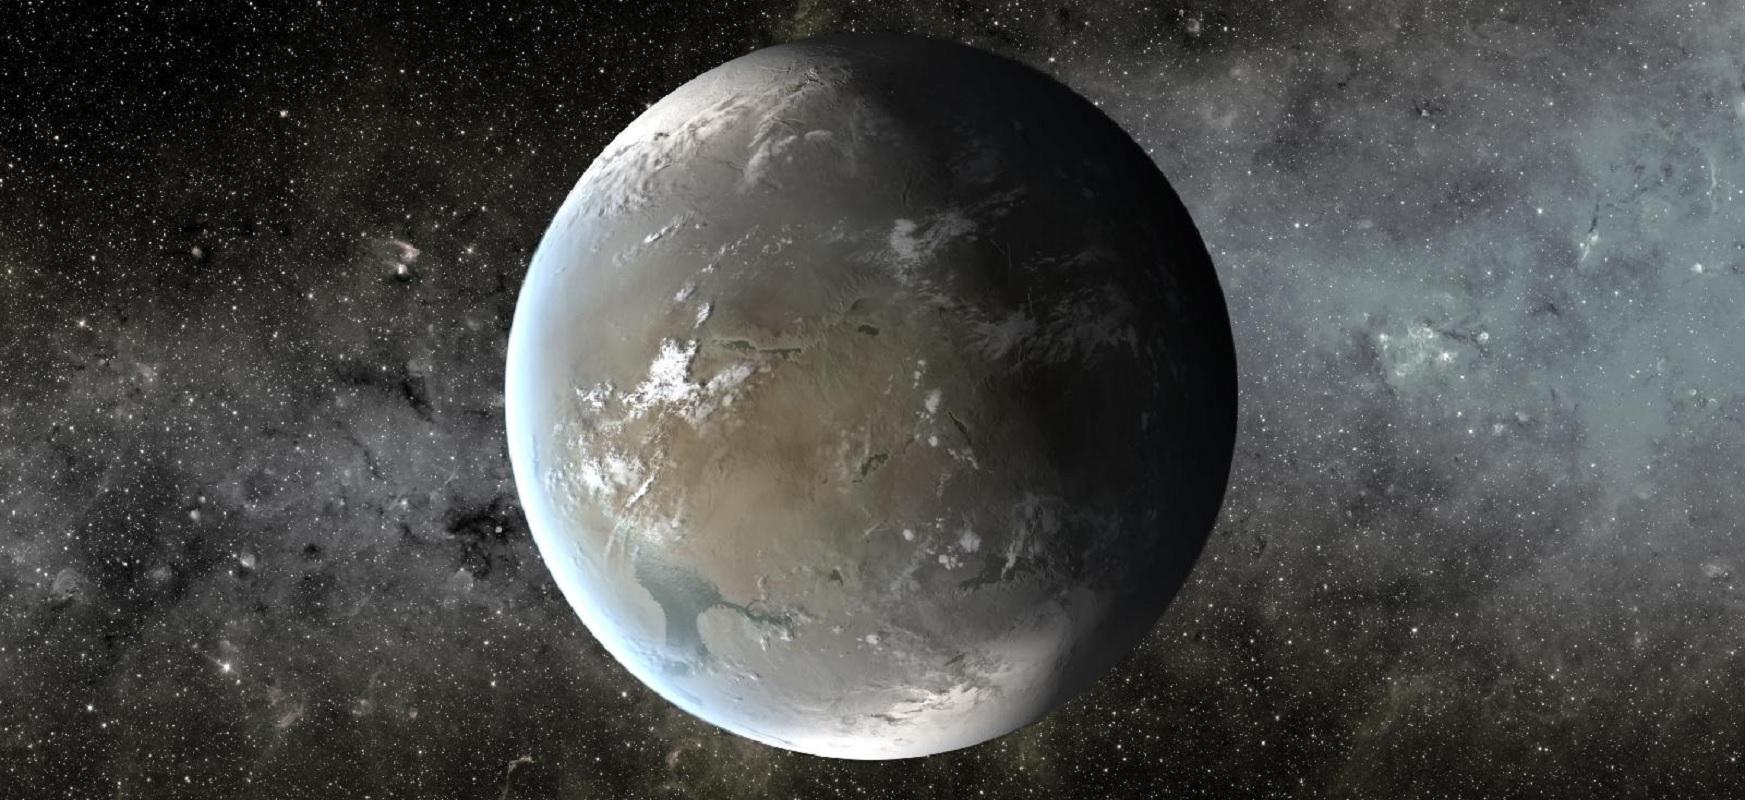 Lurreko ereduak gidaliburu gisa erabiliko dituzte exoplanetaren bila